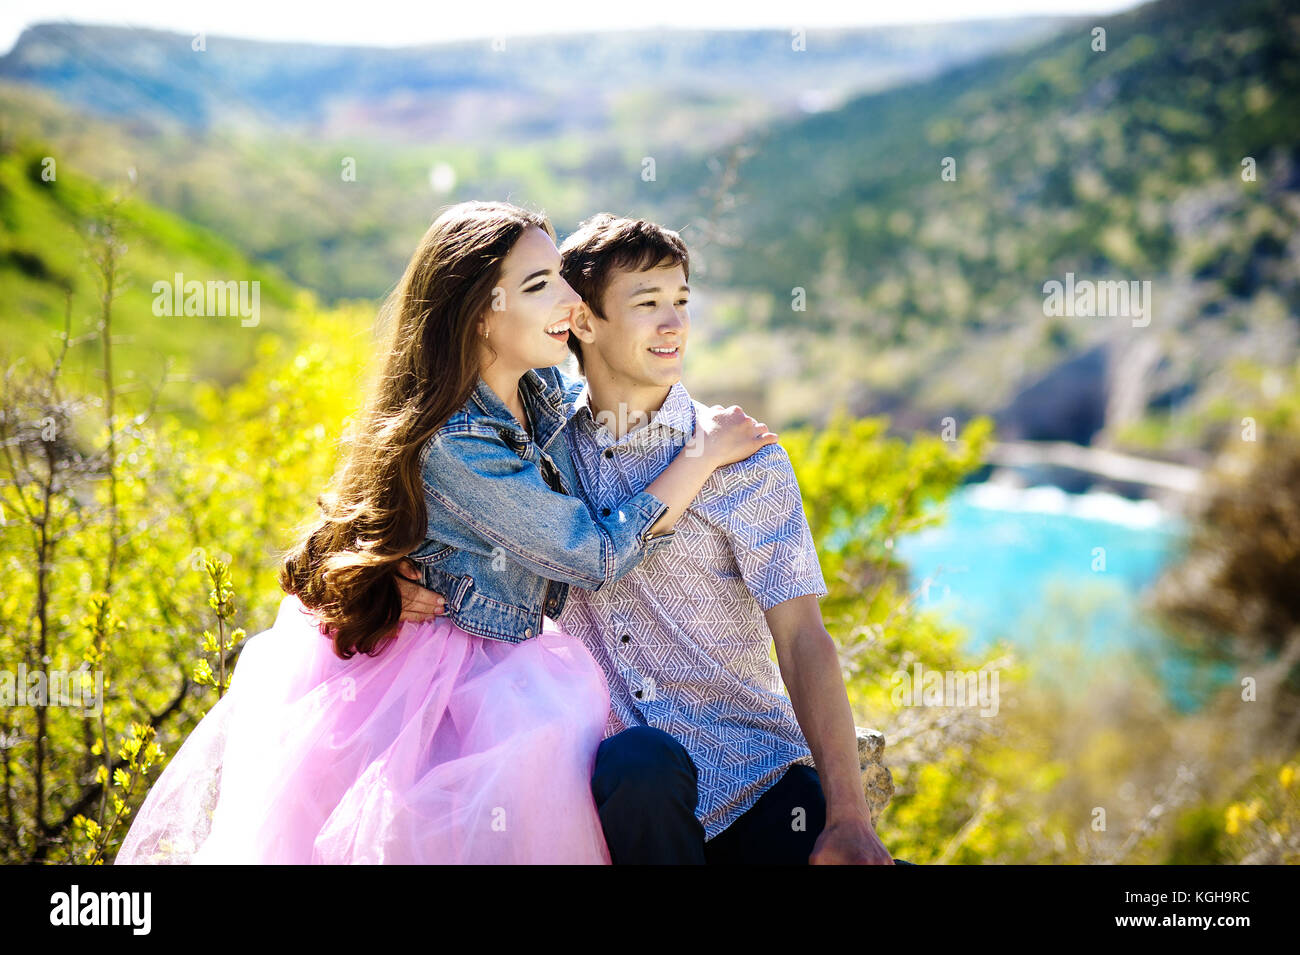 Beau couple de jeunes hipsters: balade dans le parc. L'amour, relation, dating: concept. Photo Stock